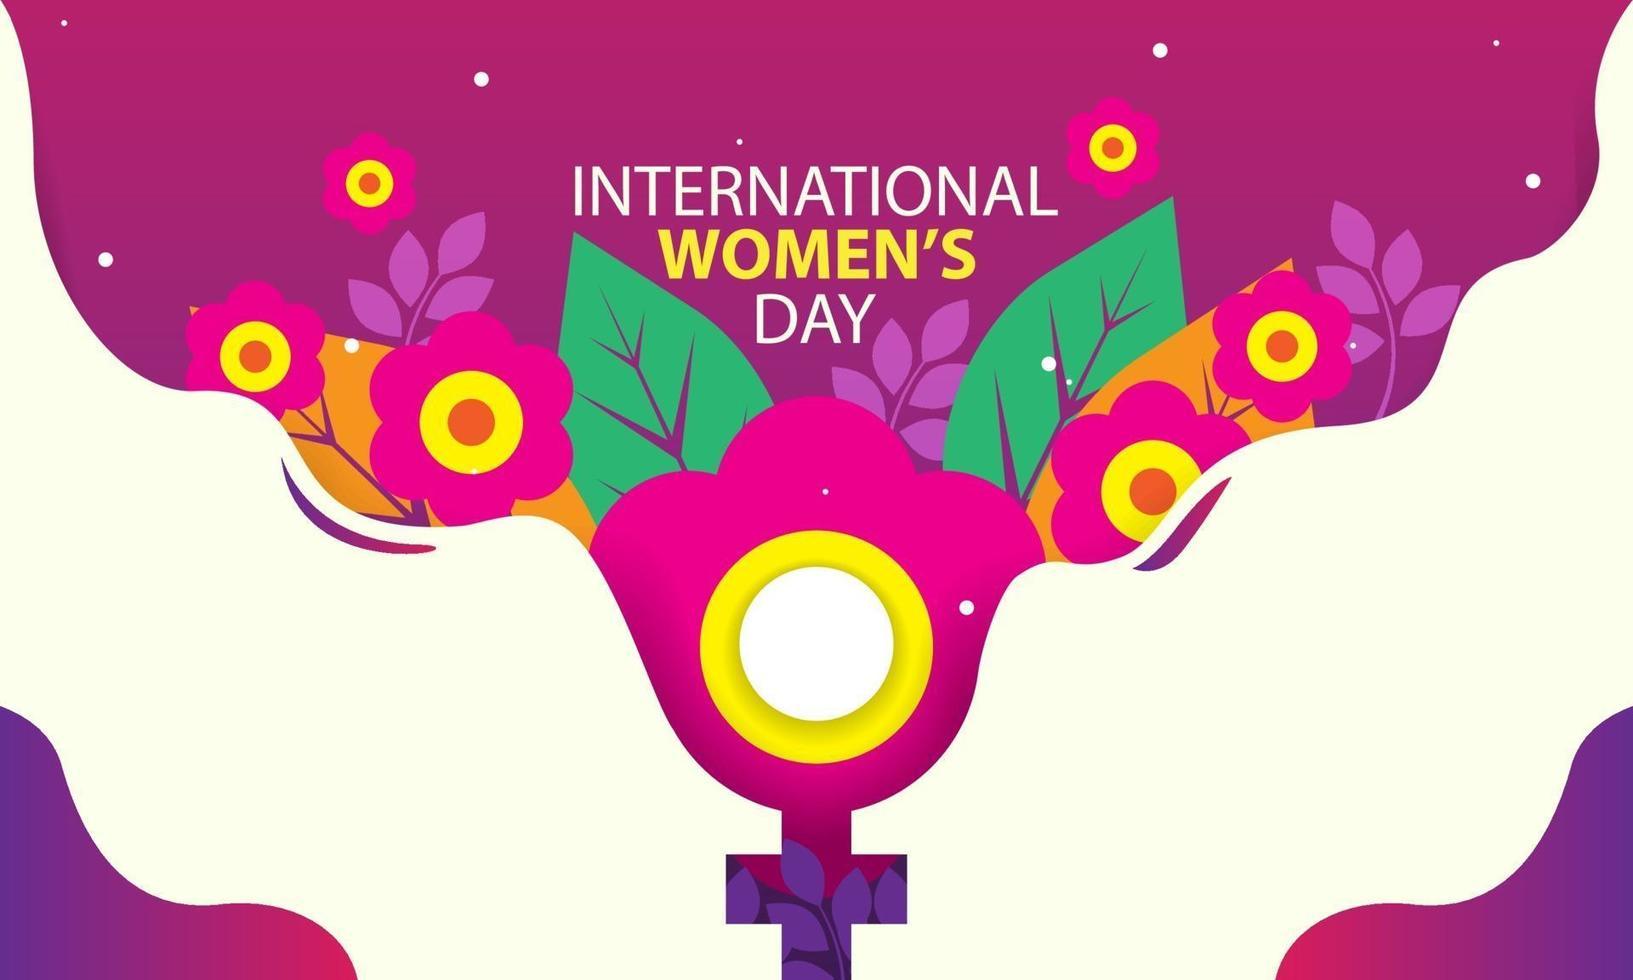 internationell kvinnodag konceptillustration med blommigt tema vektor